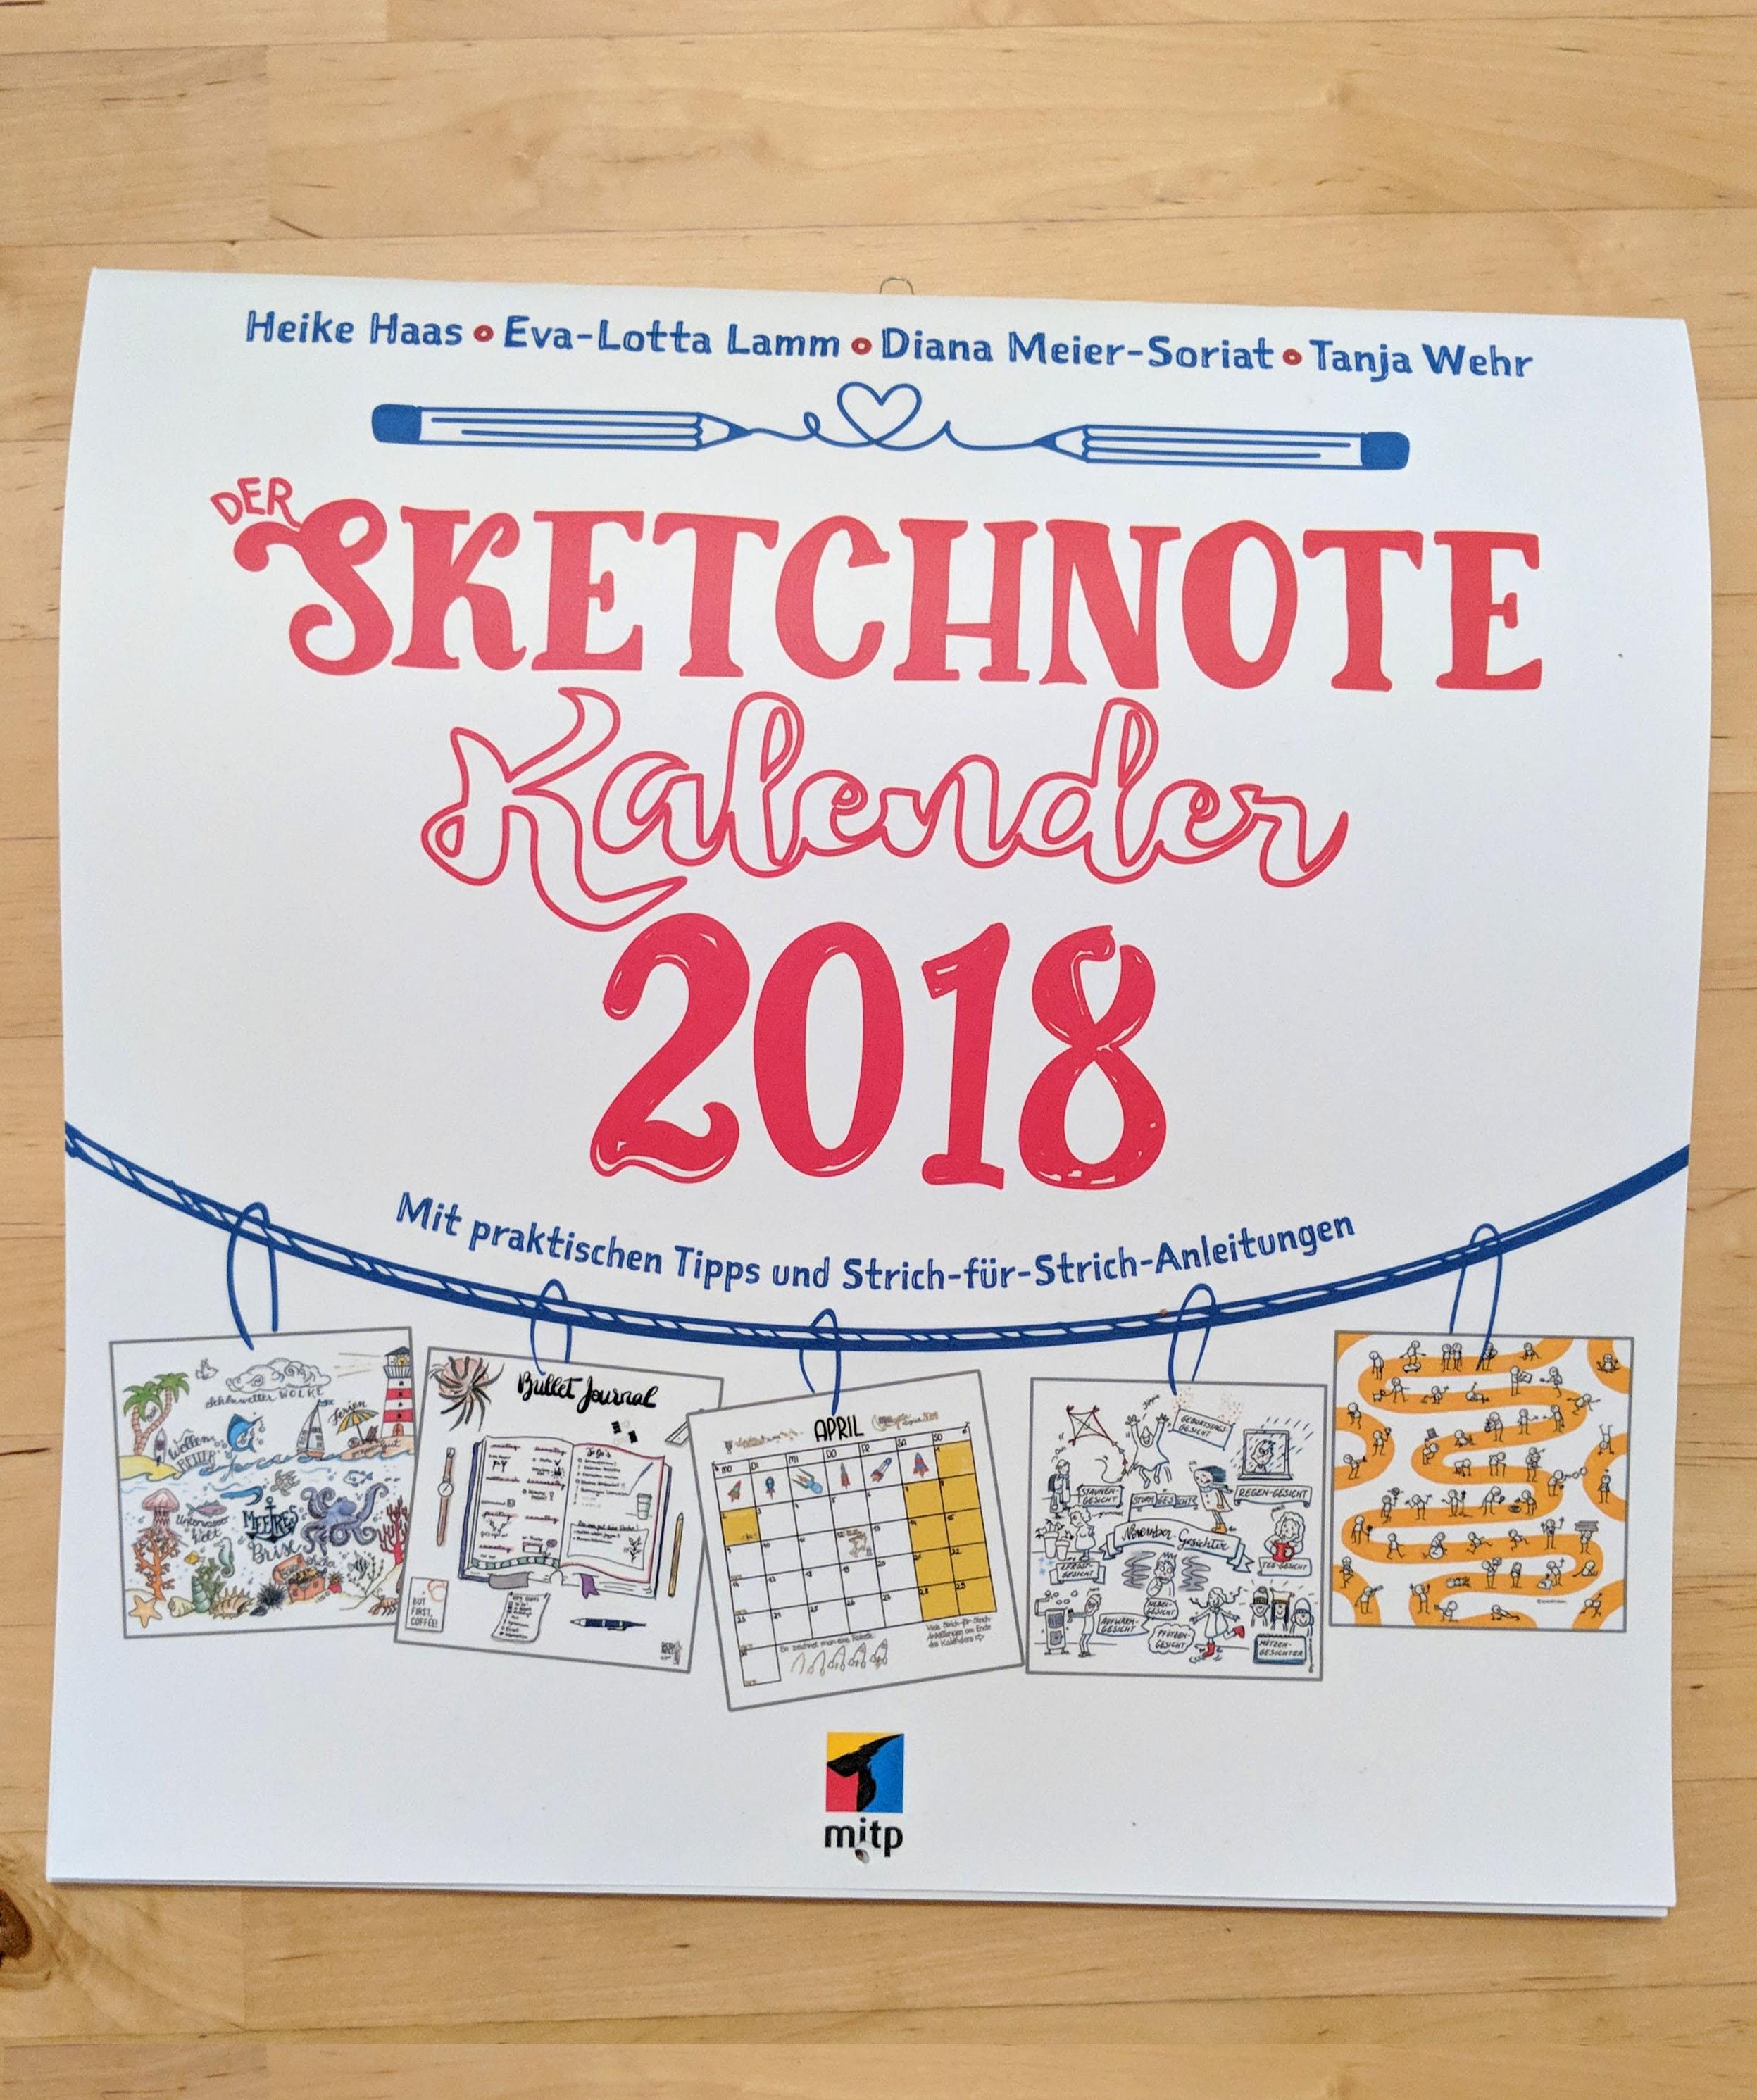 promo_images_MITP_sketchnotes_kalender_cover.jpg